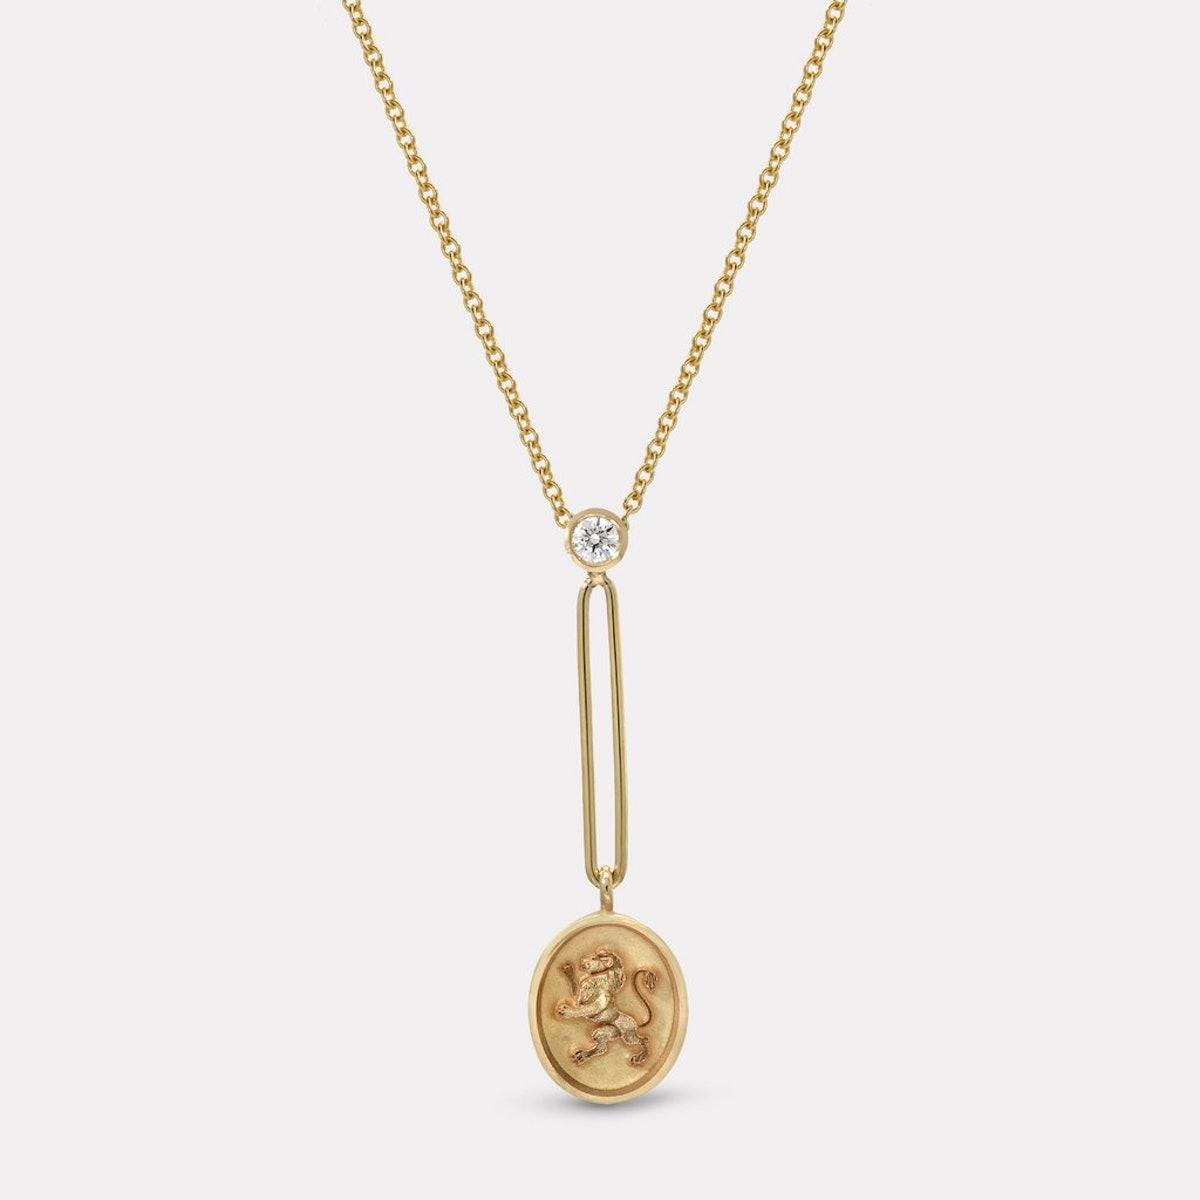 Fantasy Signet Pendant Necklace Lion